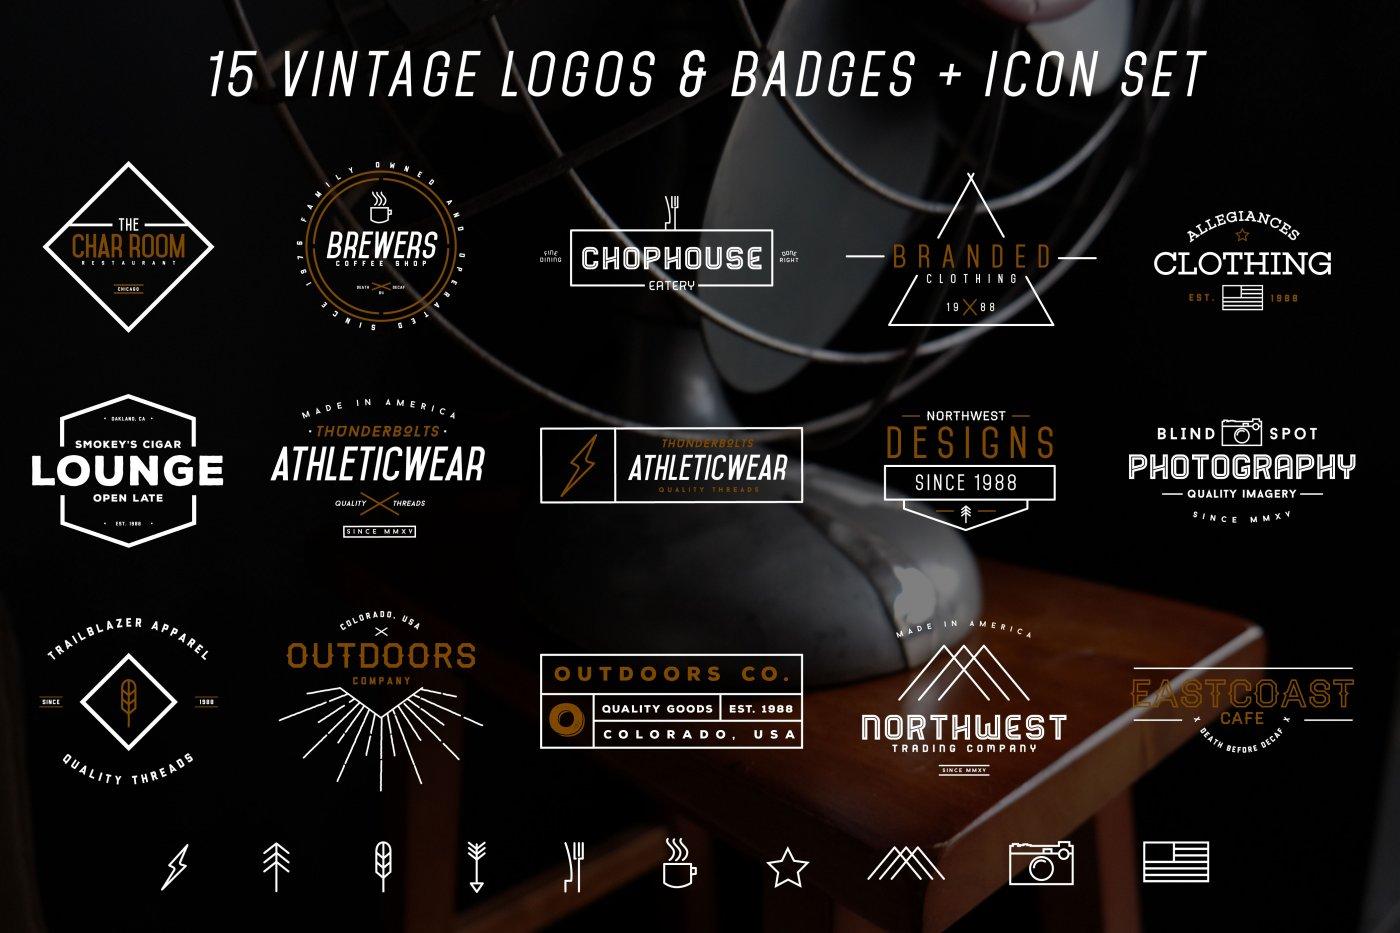 Vitage logos